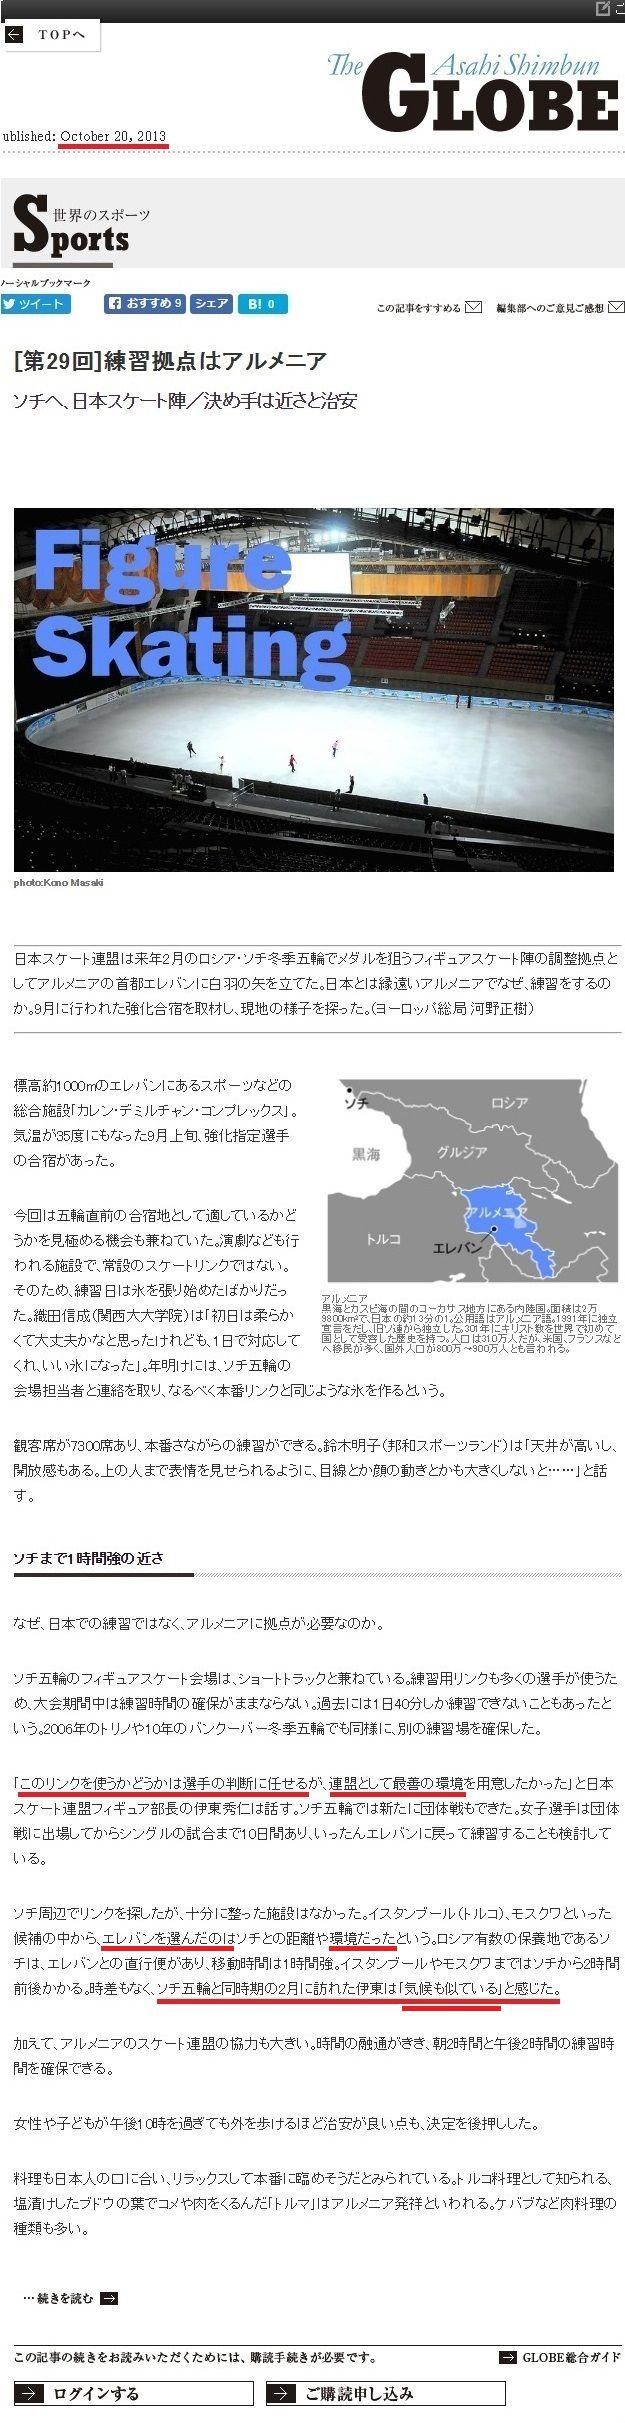 朝日新聞は2013年2月の伊東理事のアルメニア視察を伝えていた